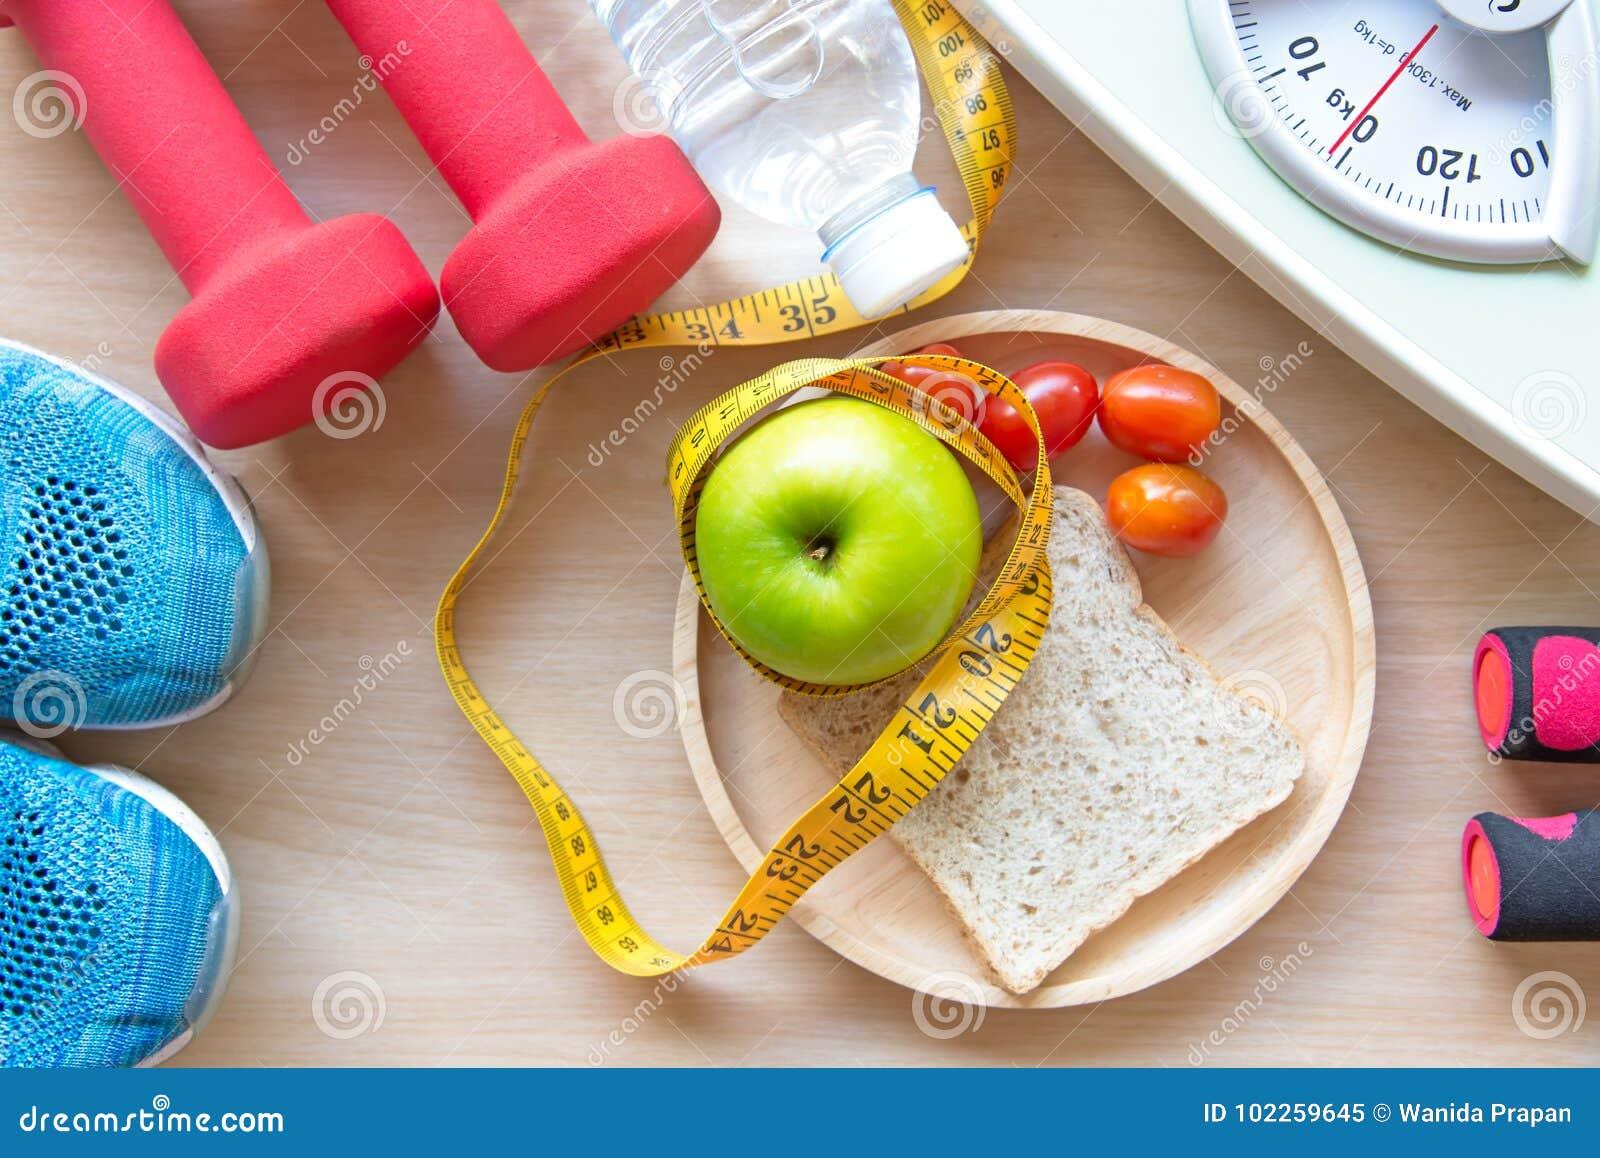 绿色苹果和重量标度、措施轻拍与净水和运动器材妇女的节食减肥